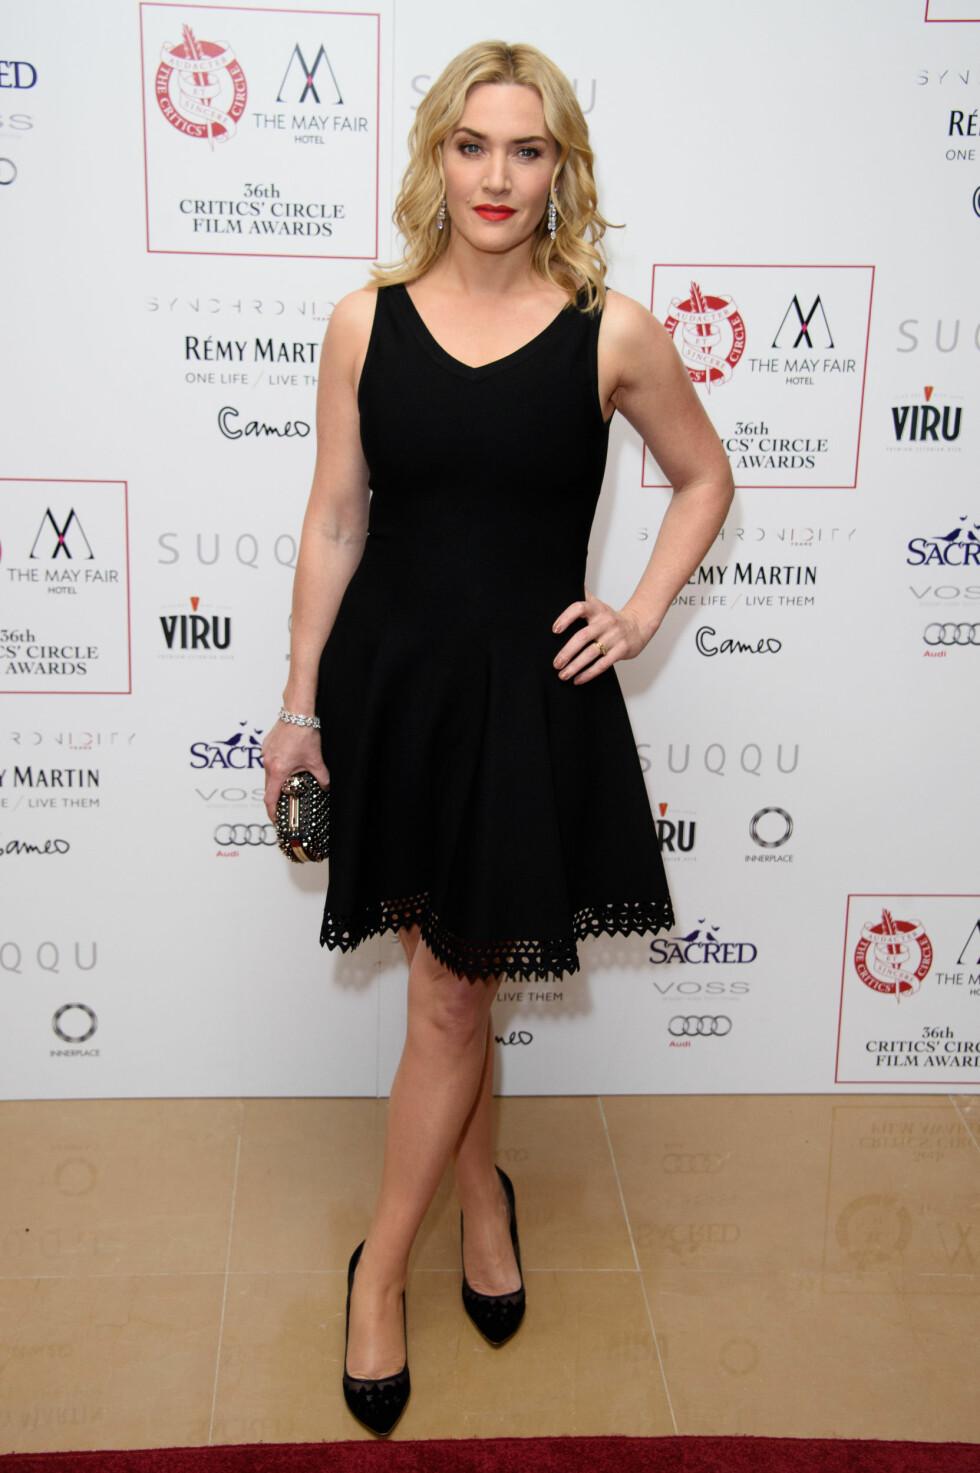 FLOTT DAME: Nok et heltsort antrekk fra Kate Winslet. Det enkleste er ofte det beste, eller hva? Hun ser jo fantastisk ut! Foto: Ap